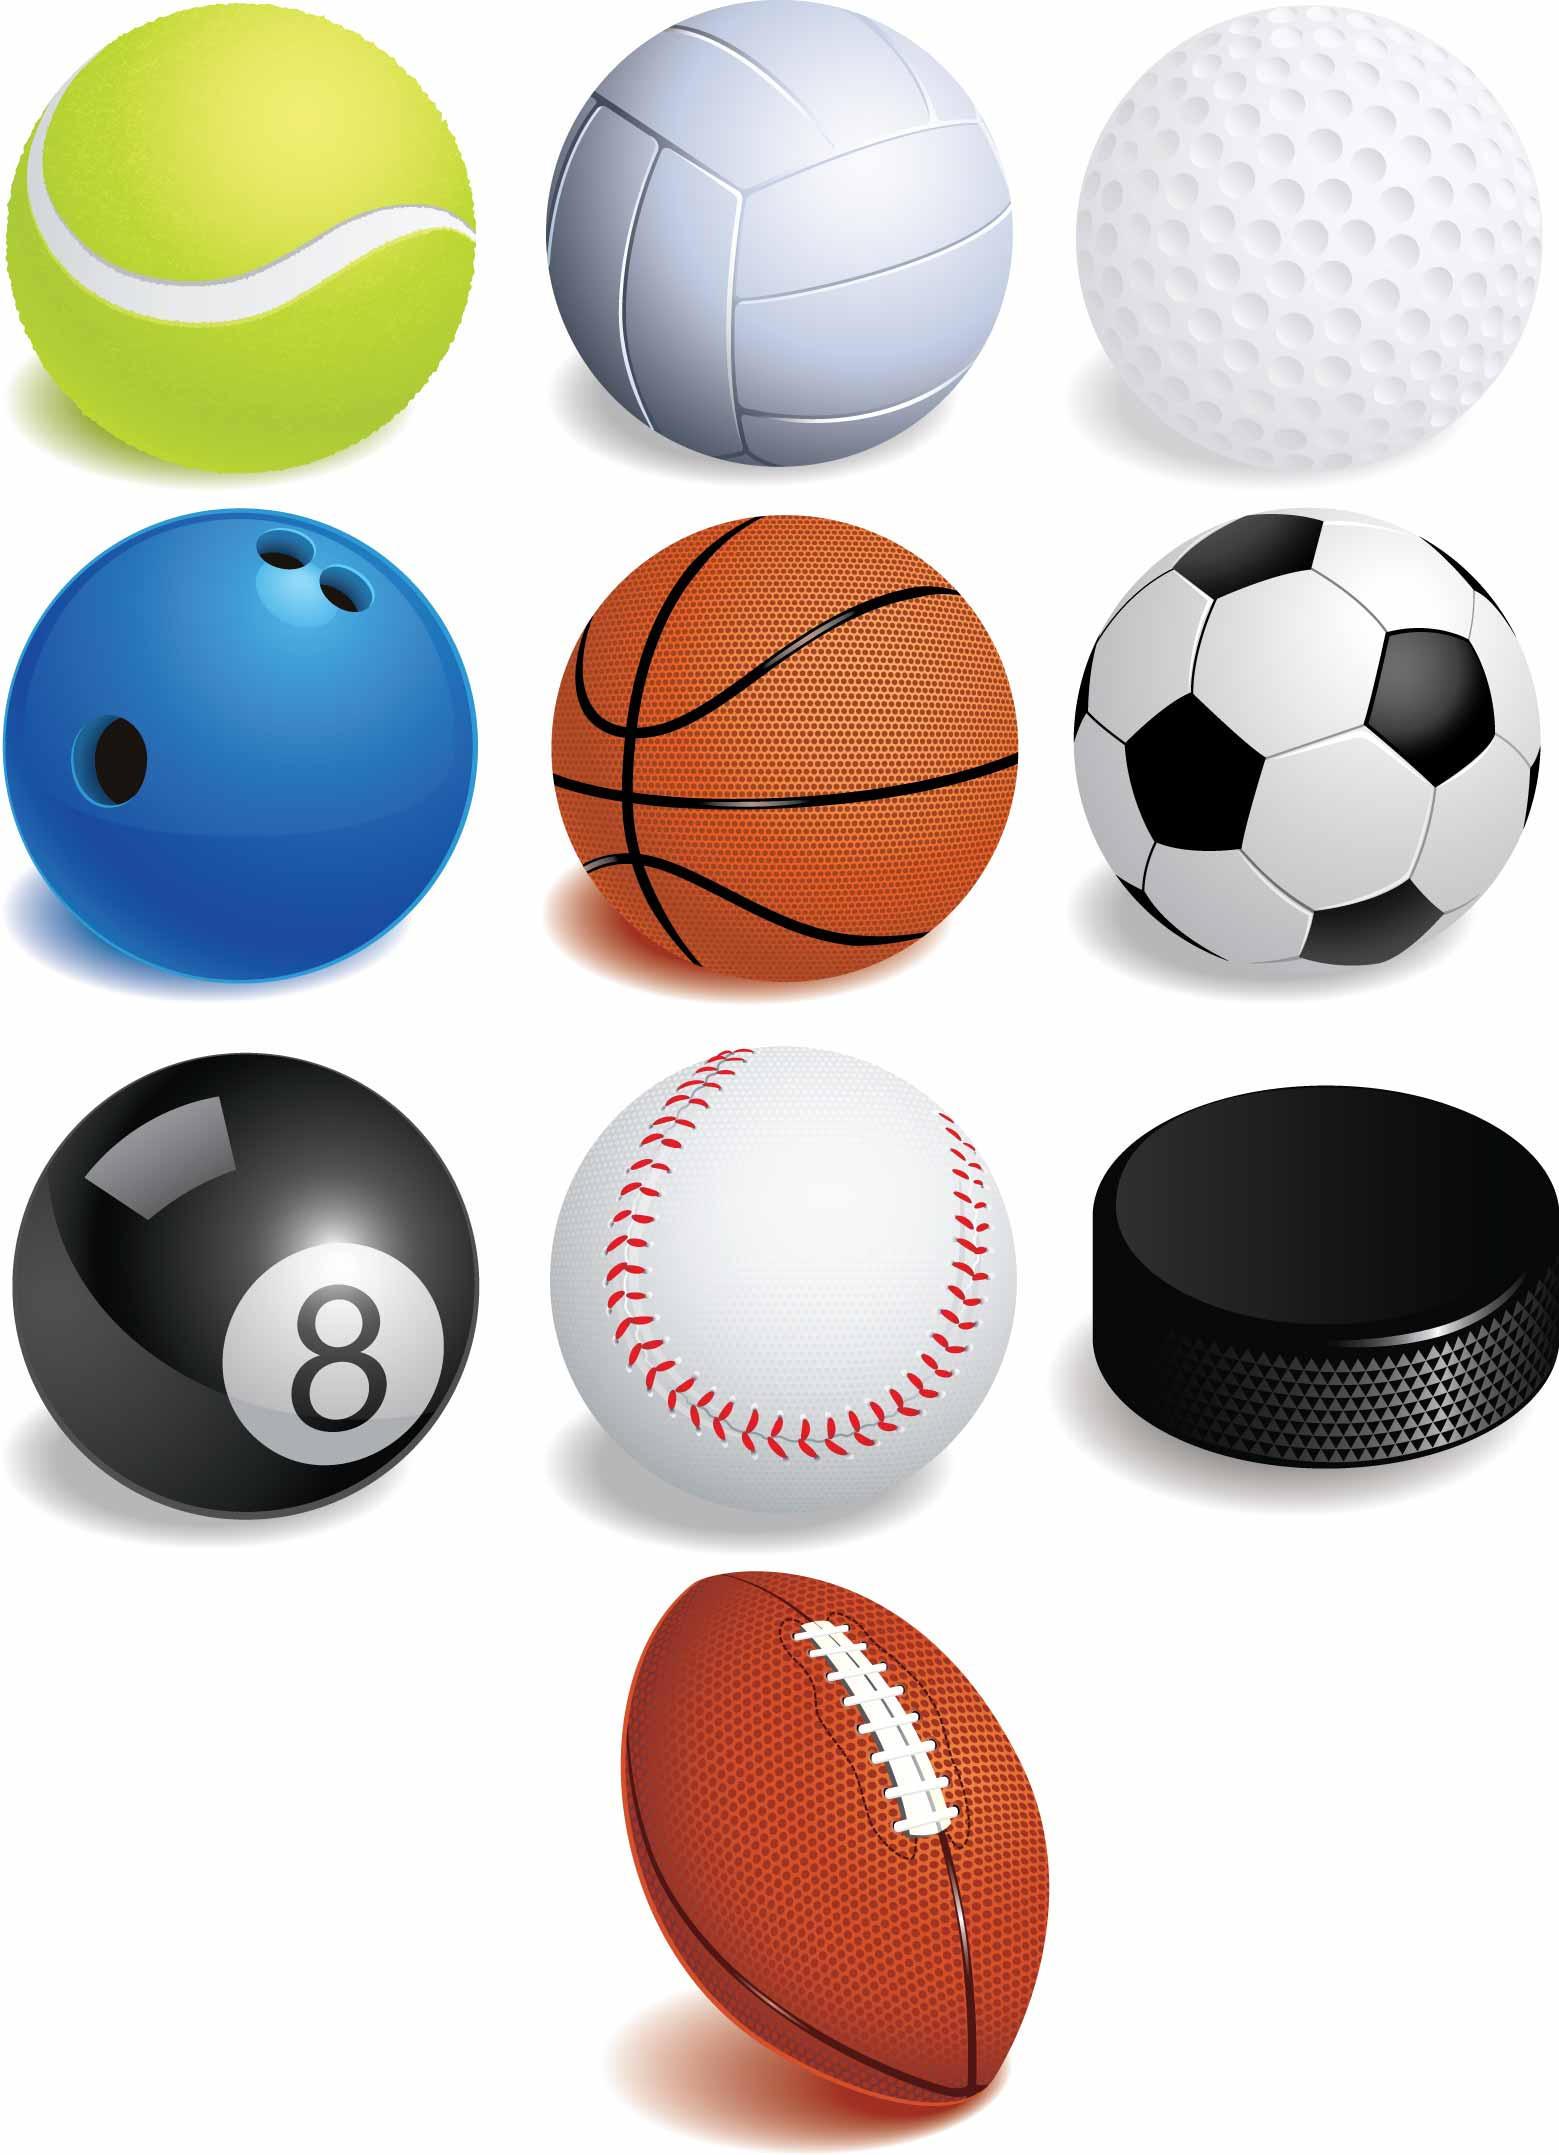 Balones -pelotas- de diferentes deportes AI y EPS by GianFerdinand